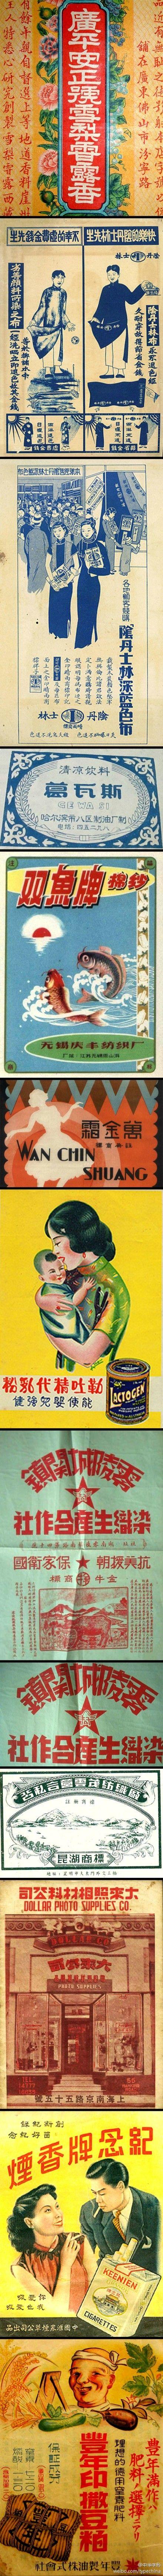 分享民国时期的一些老广告,一起领略民国广告中字形的独特魅力!